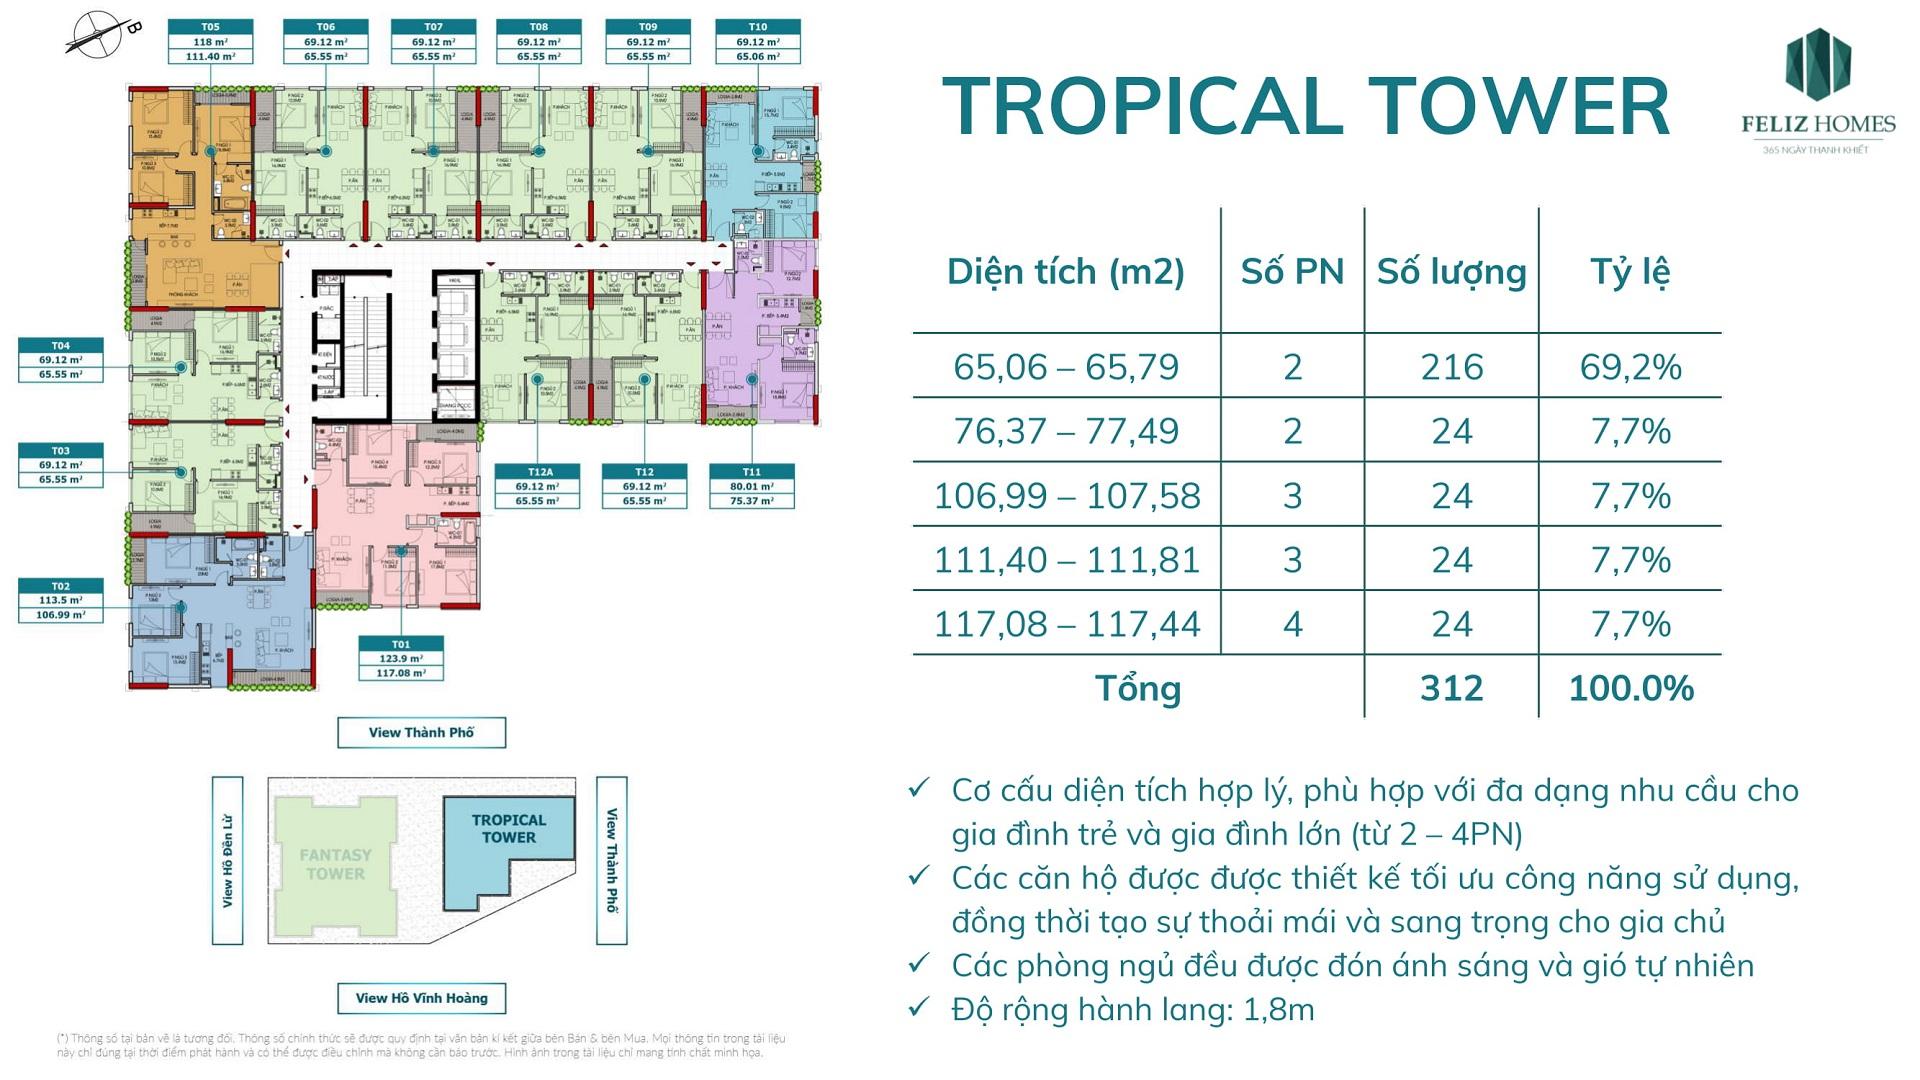 Thiết kế chi tiết căn hộ tòa Tropical Chung cư Feliz Homes Hoàng Mai Hà Nội